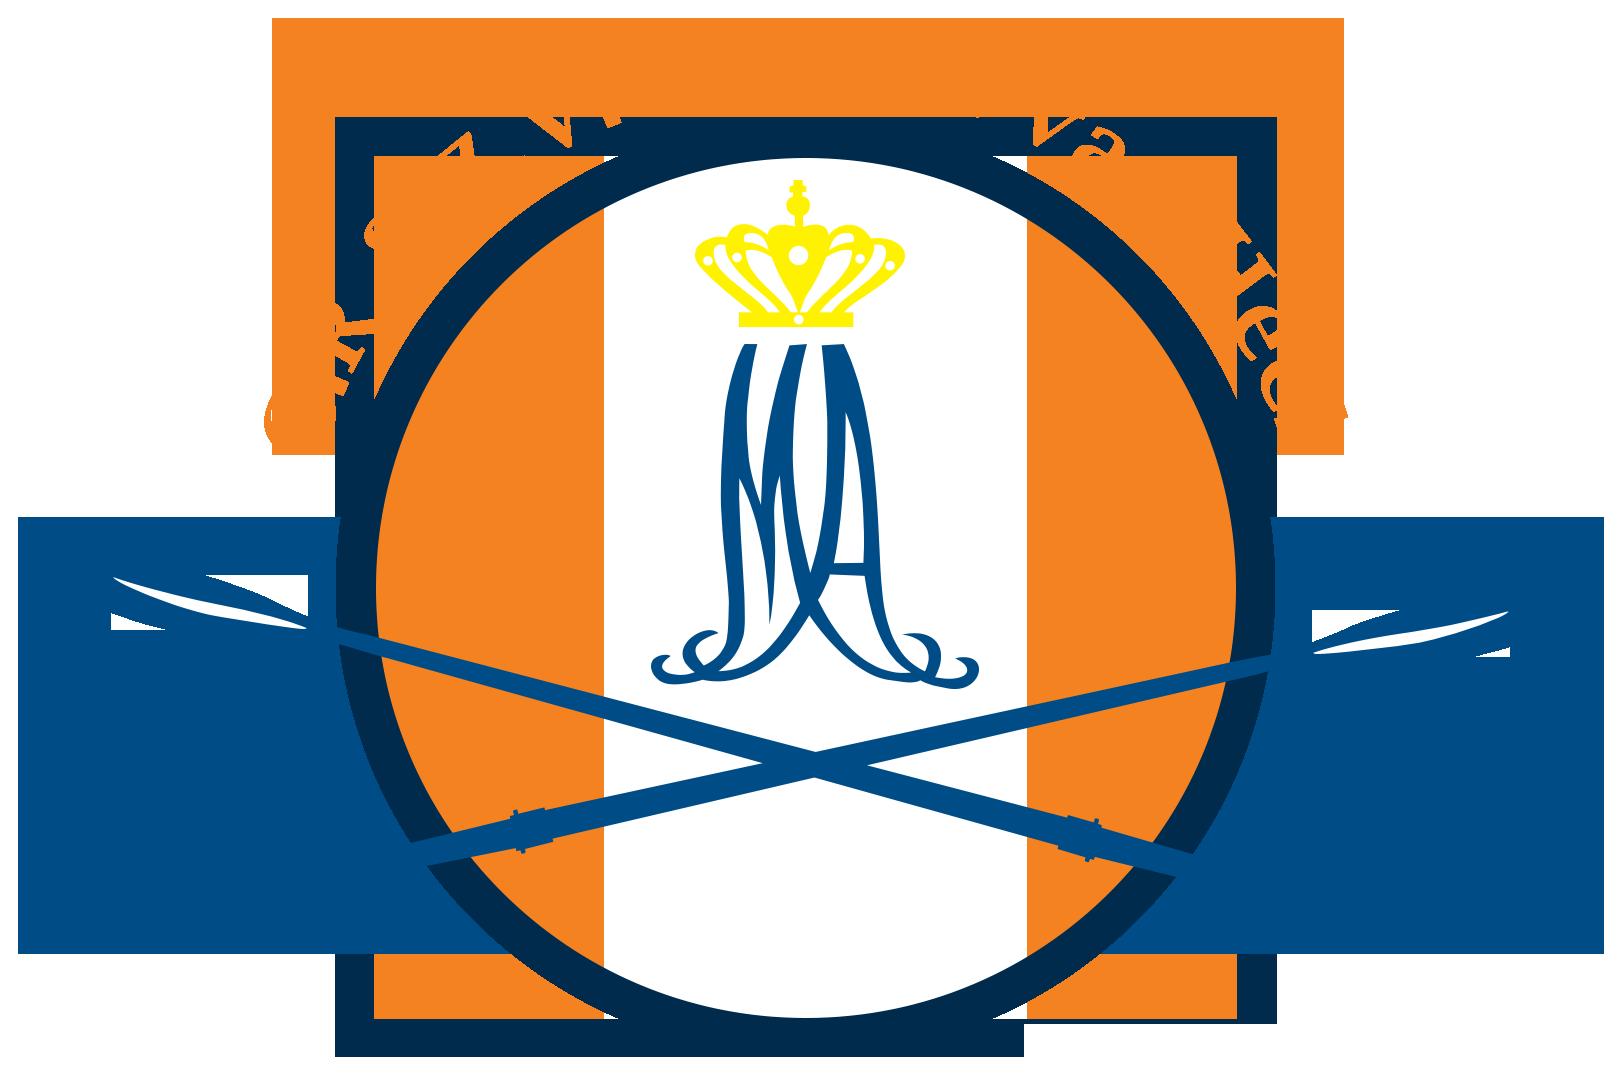 C.R&Z.V. Dudok van Heel